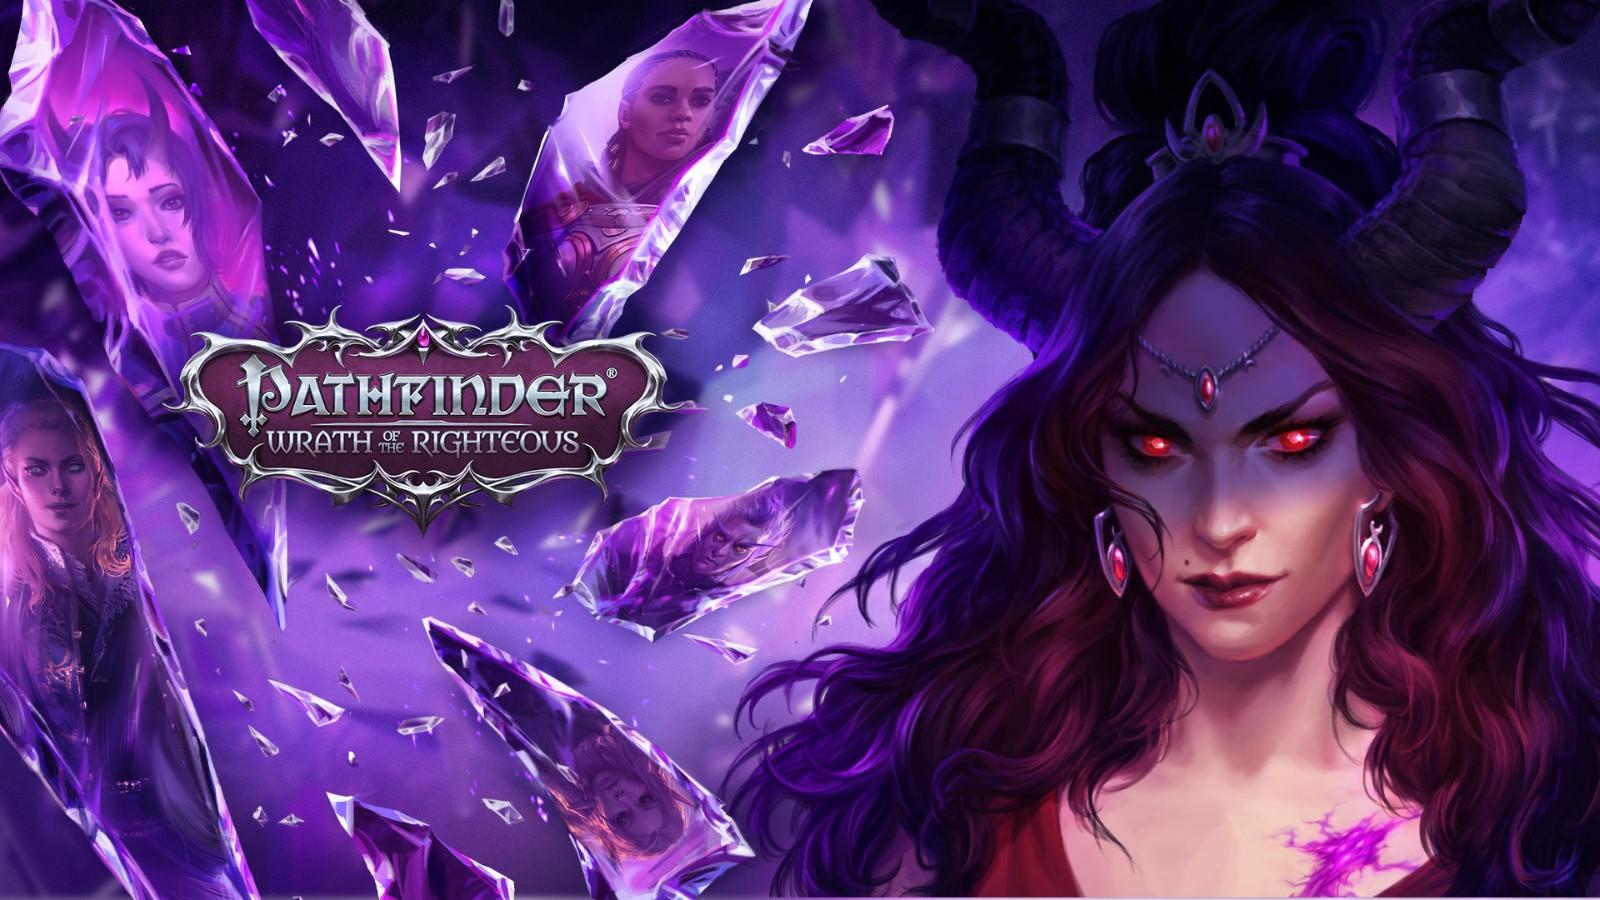 《开拓者:正义之怒》PS4/X1版延期到2022年3月 PC版将于9月2日推出